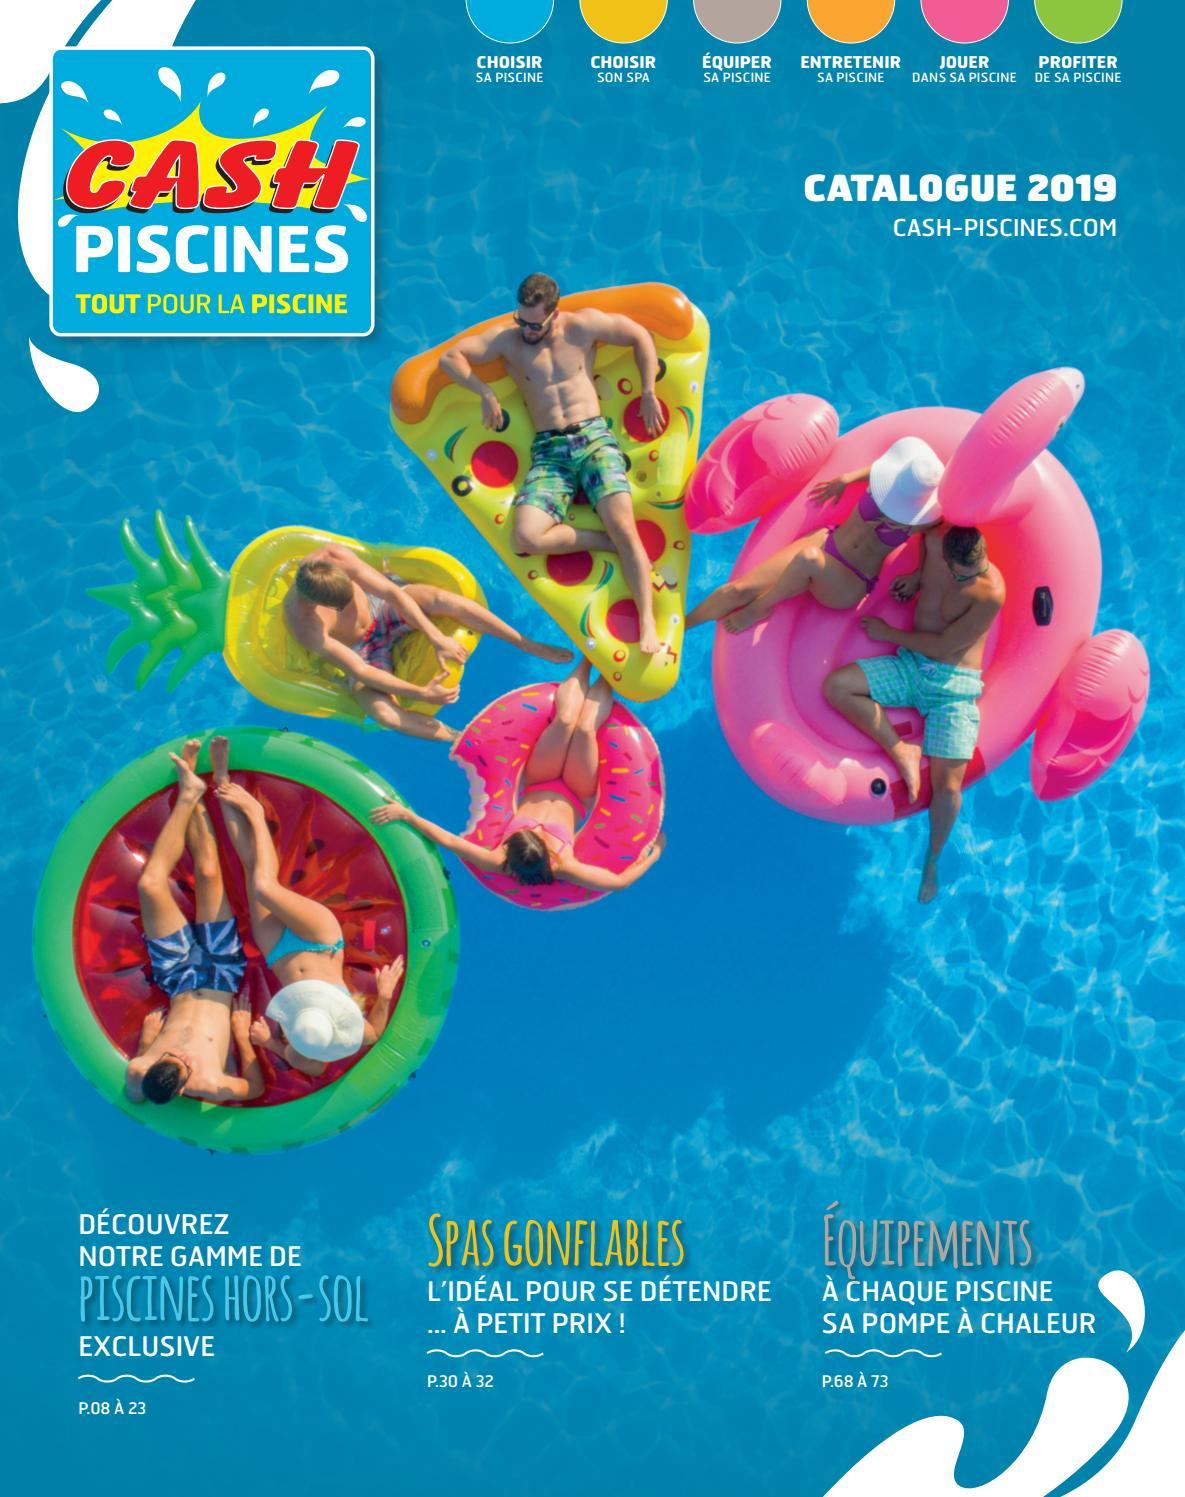 Catalogue Cash Piscines 2019 By Cashpiscines2 - Issuu à Cash Piscine Sollies Pont